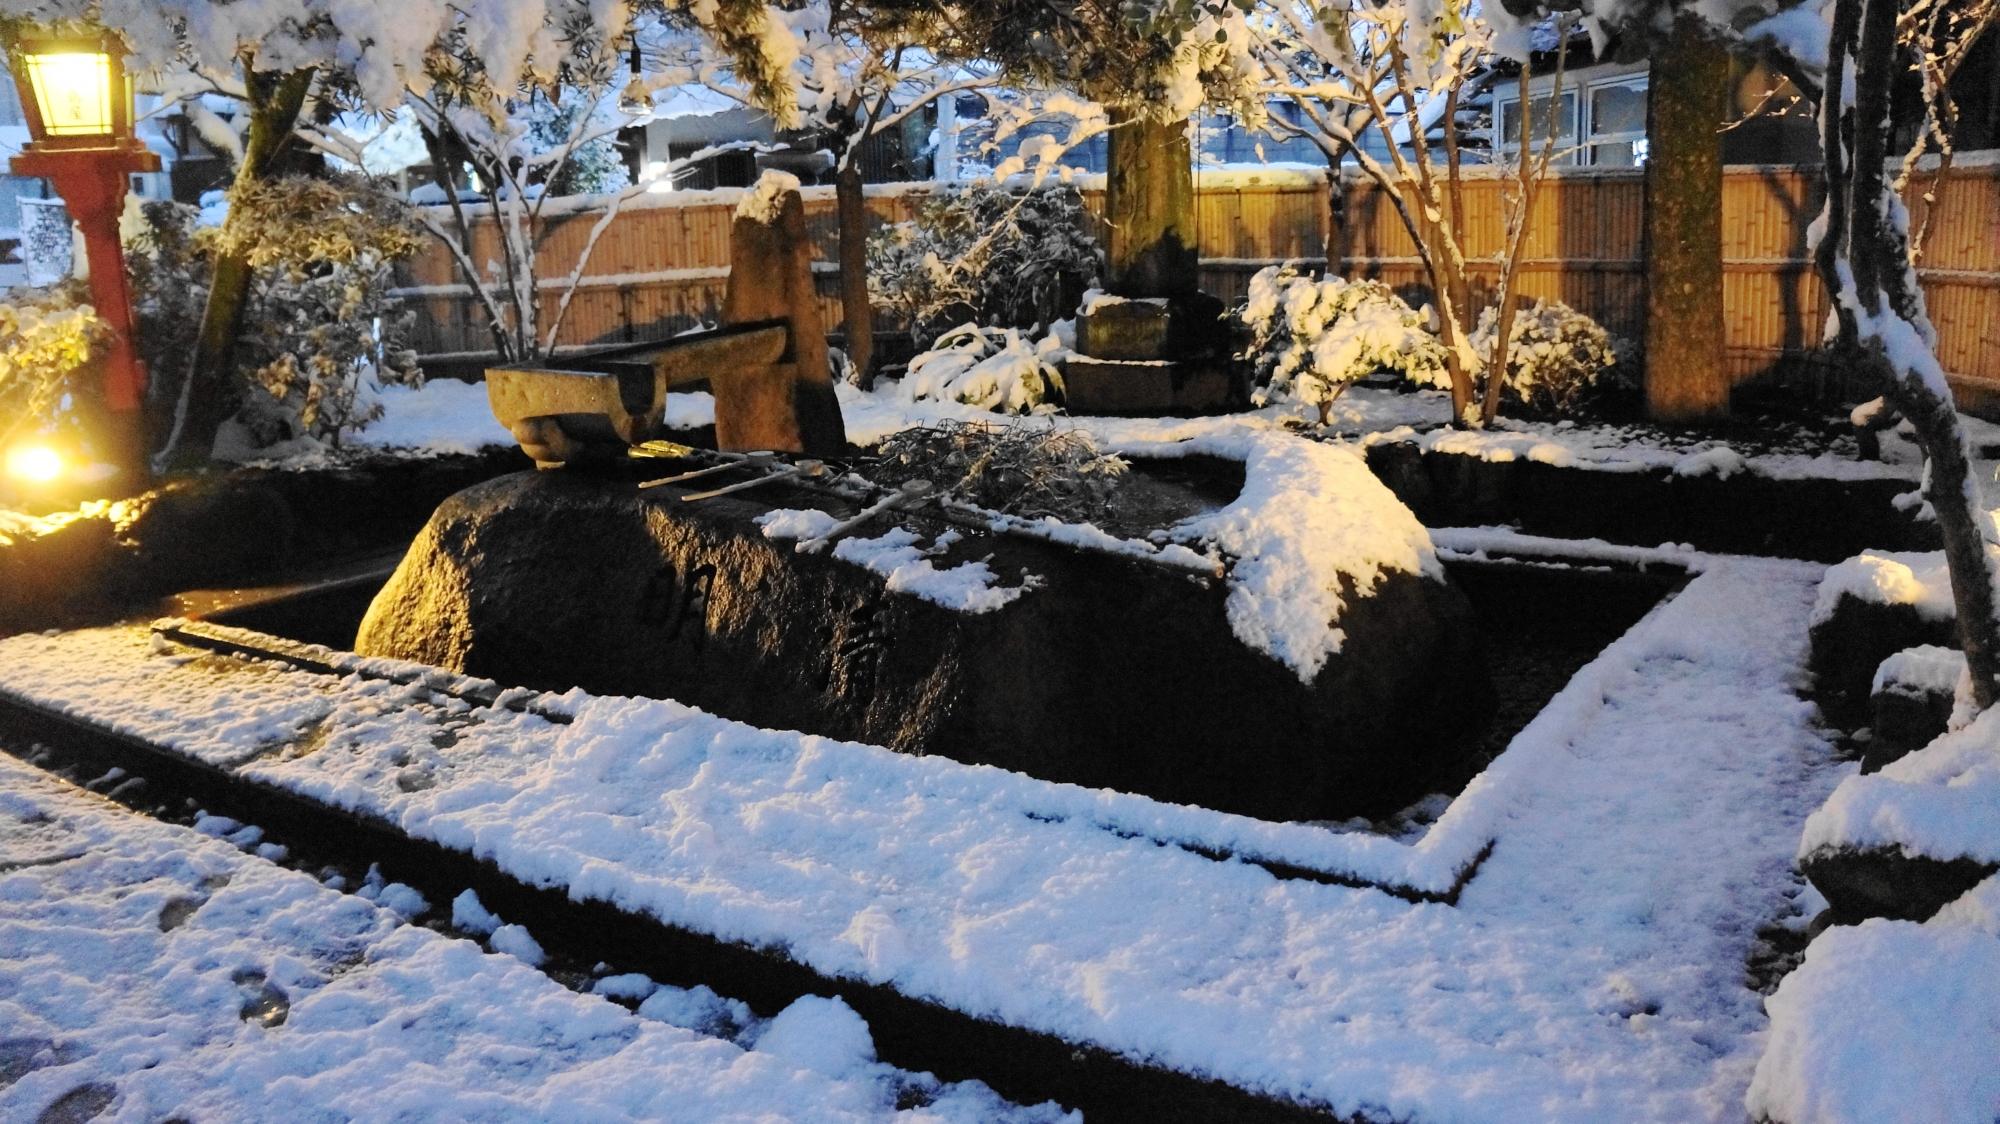 安井金比羅宮の手水舎の雪景色